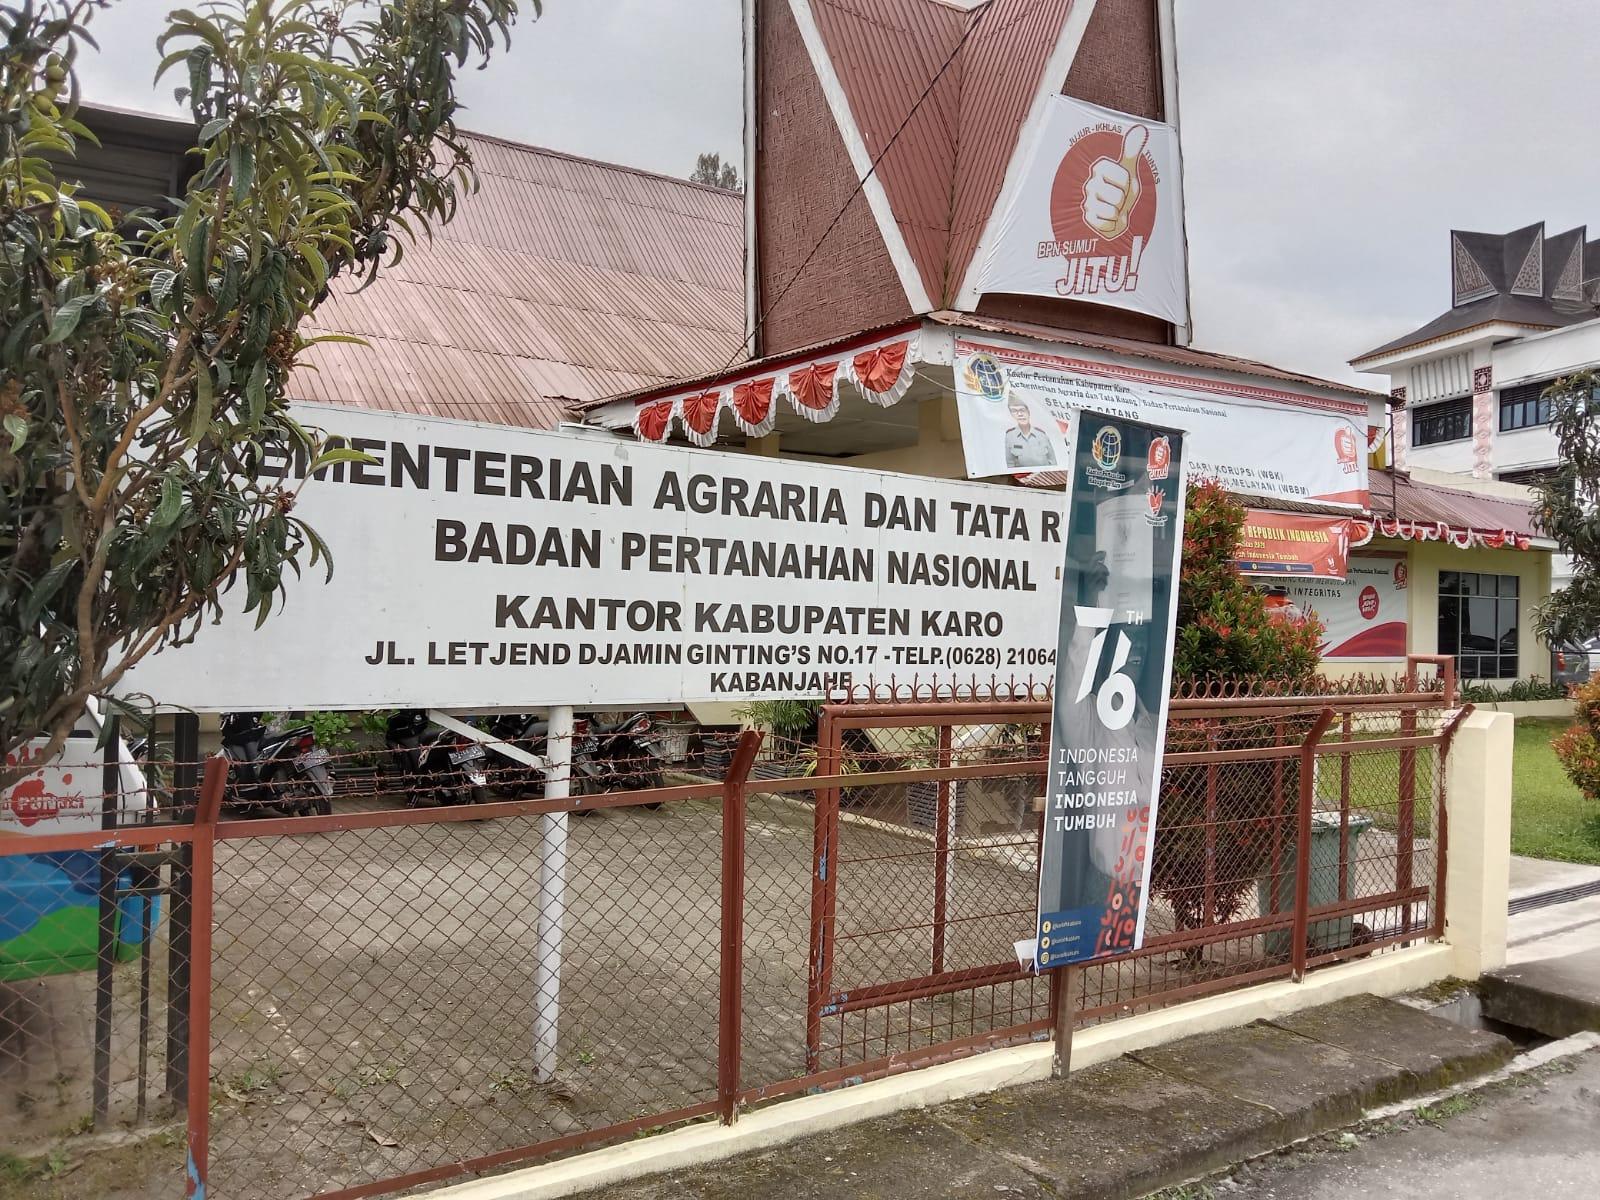 Kepala BPN Karo: Hak Guna Usaha Pt BUK Sudah Sesuai Prosedur